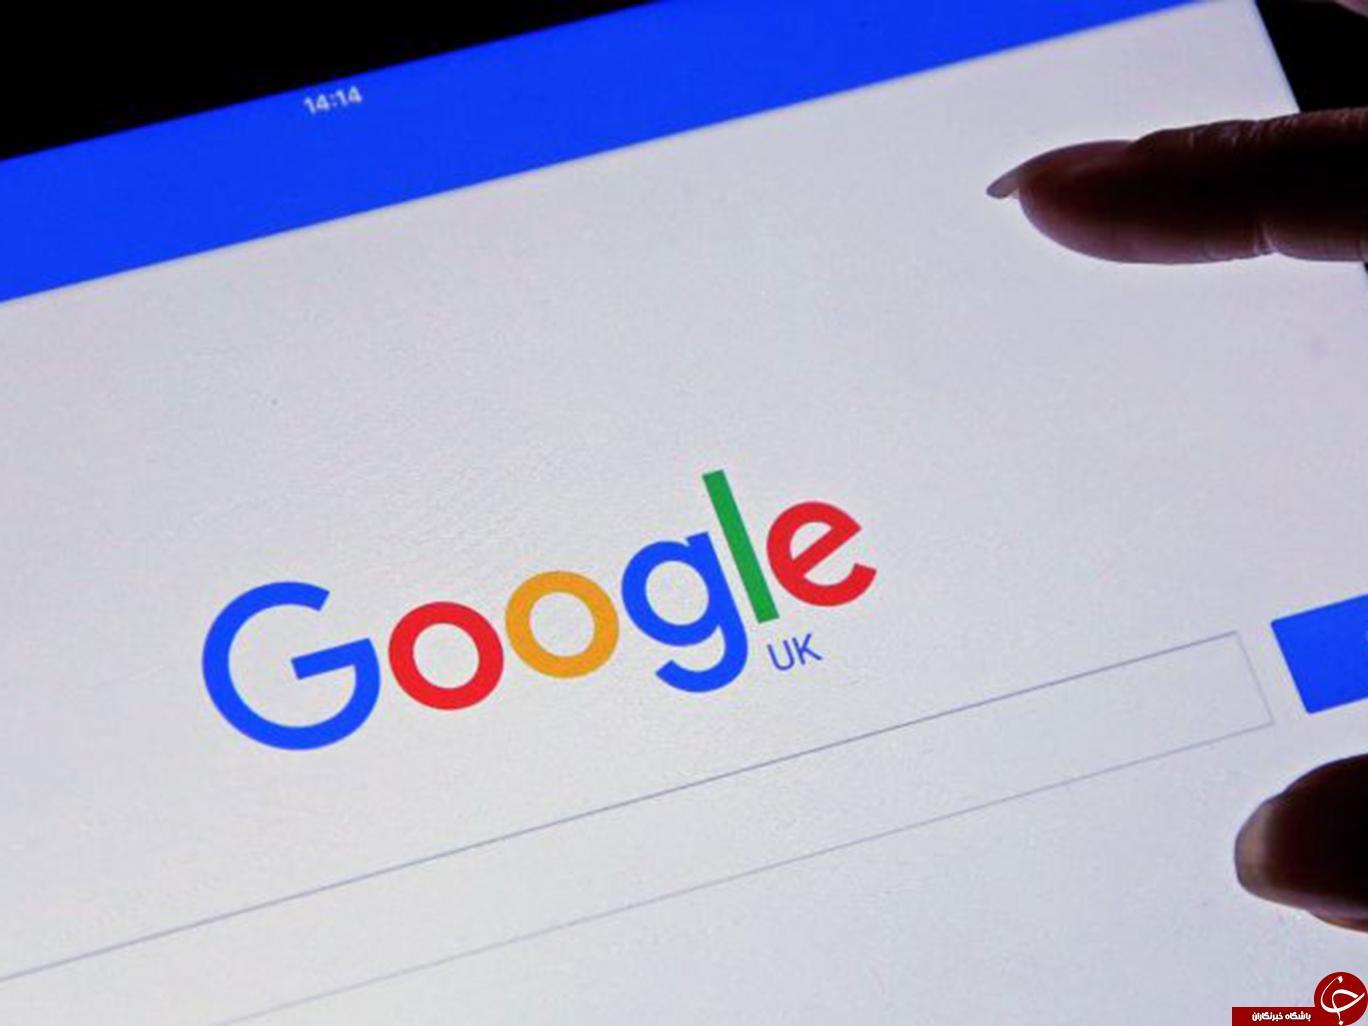 شما چرا کارمند گوگل نمی شوید؟